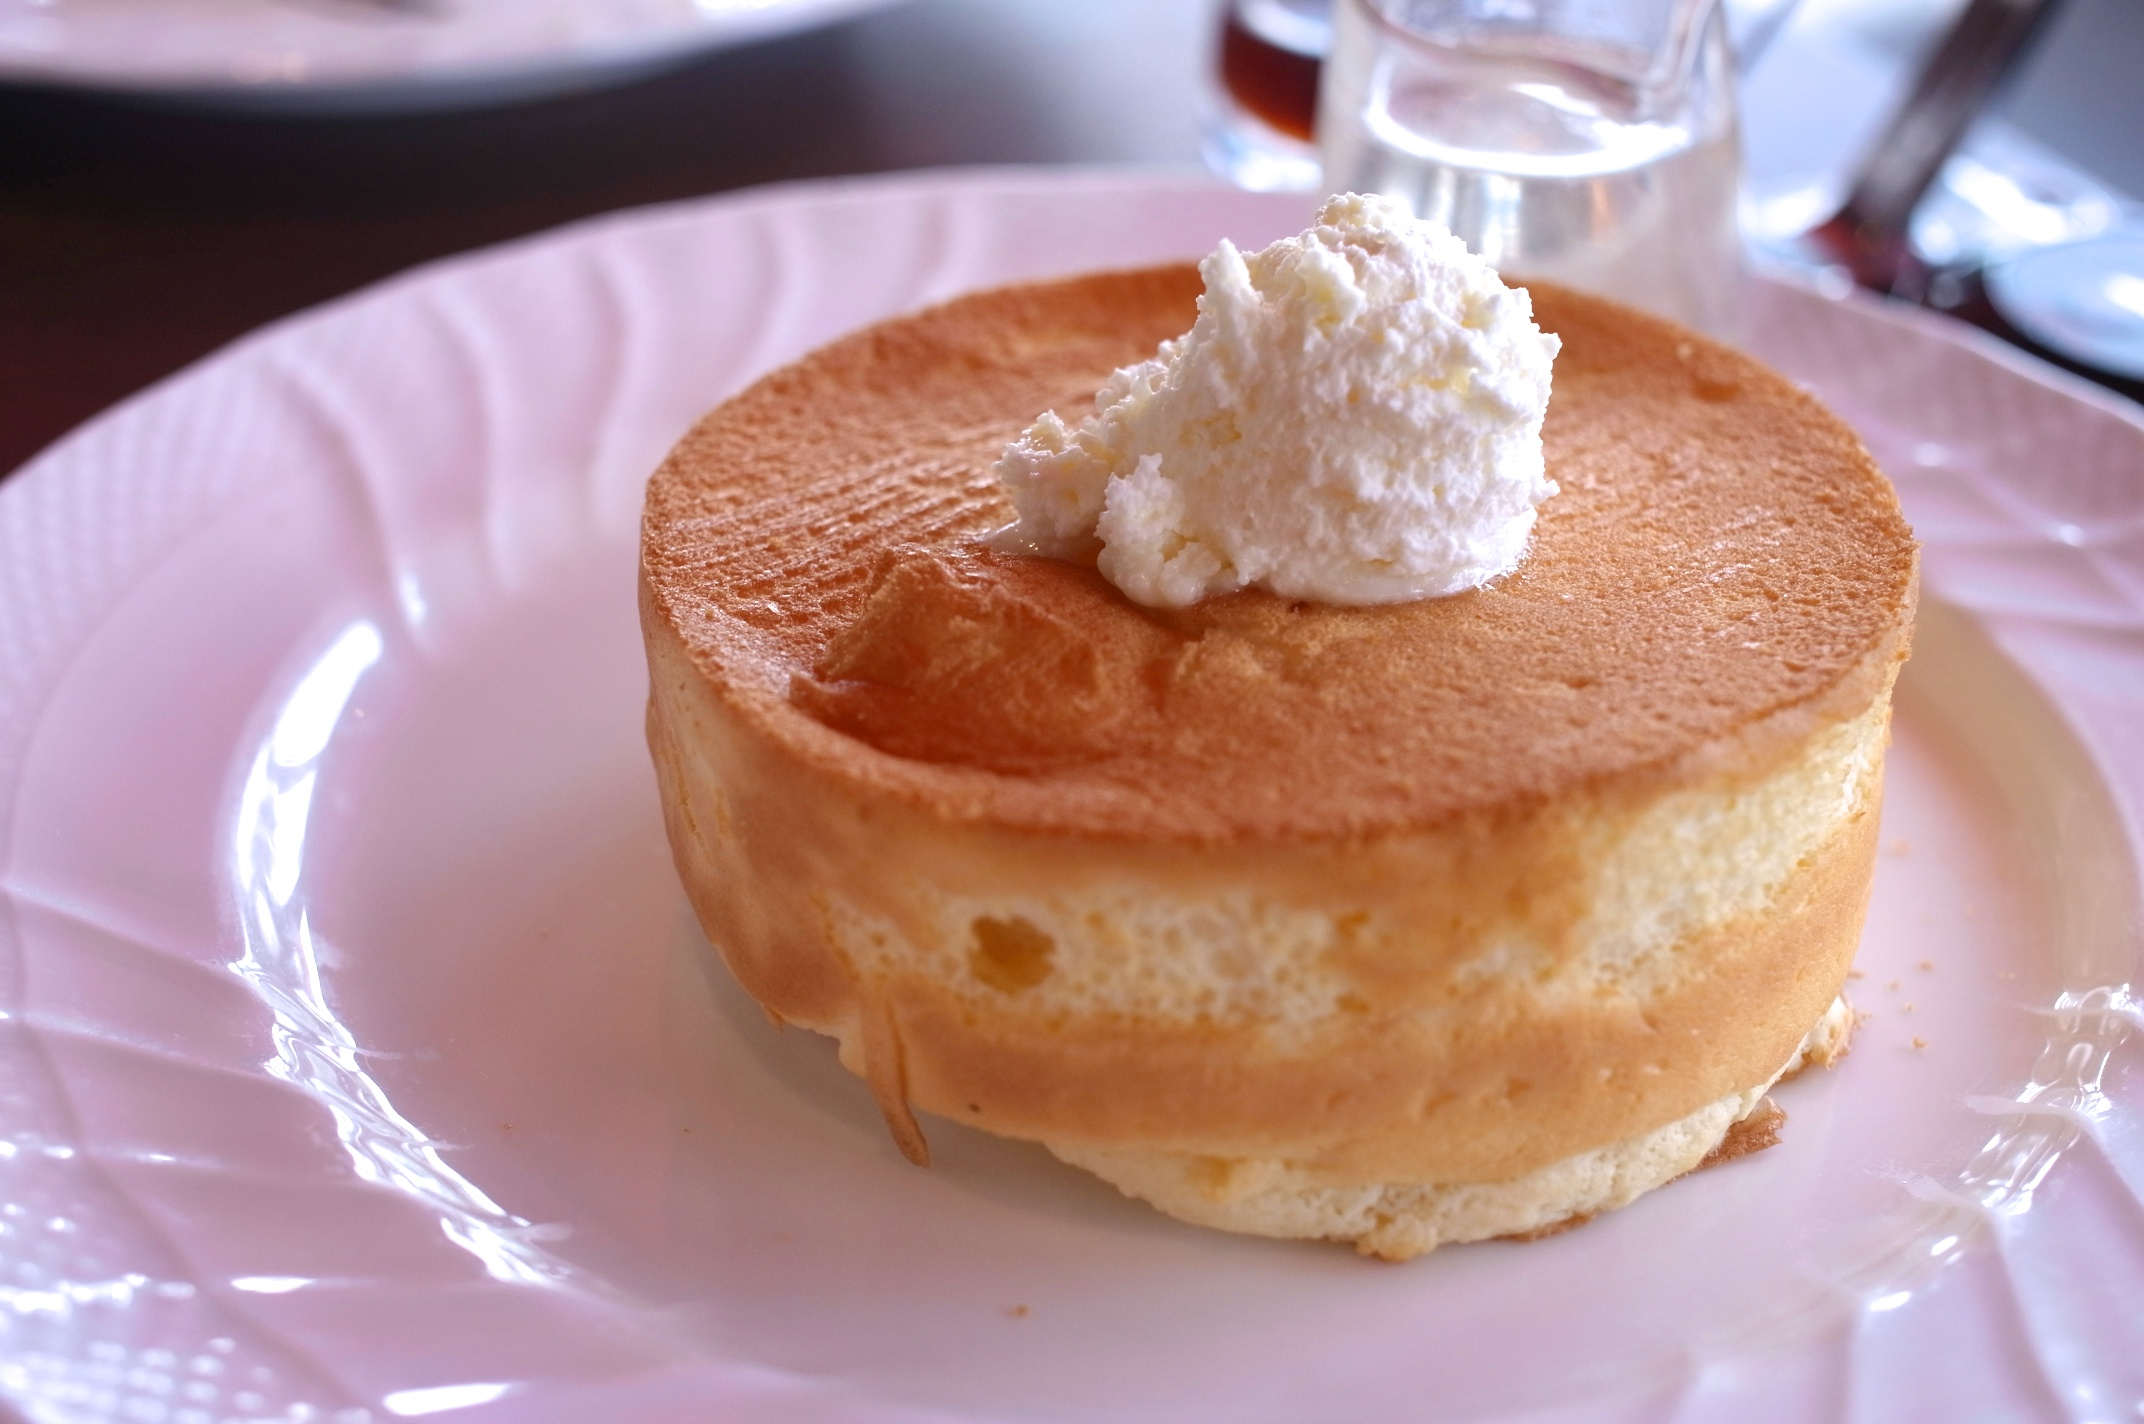 【食べた】珈琲が美味い!パンケーキも美味い!おかげでいつもお客さんが多い「星野珈琲店 福岡早良店」に行ってきた!